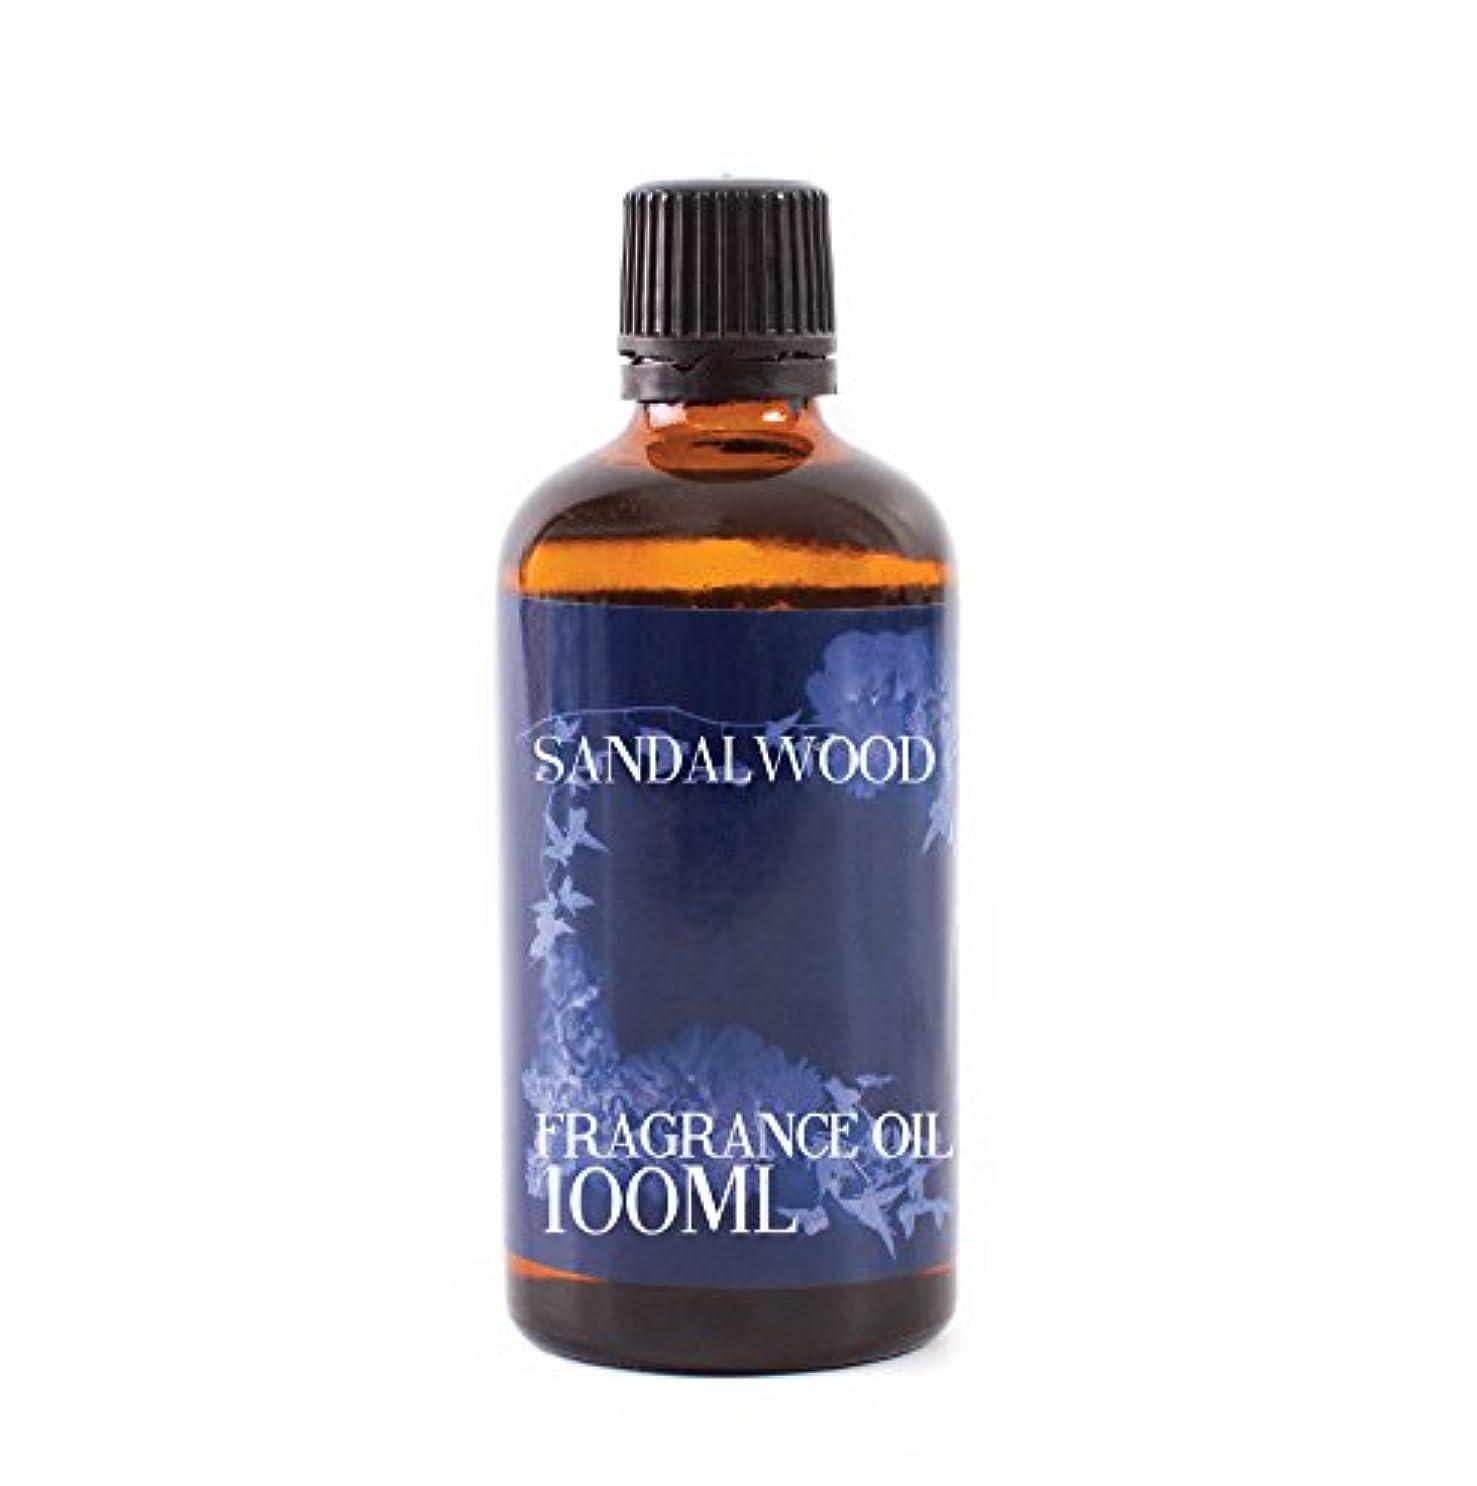 事務所無効にするスズメバチMystic Moments | Sandalwood Fragrance Oil - 100ml